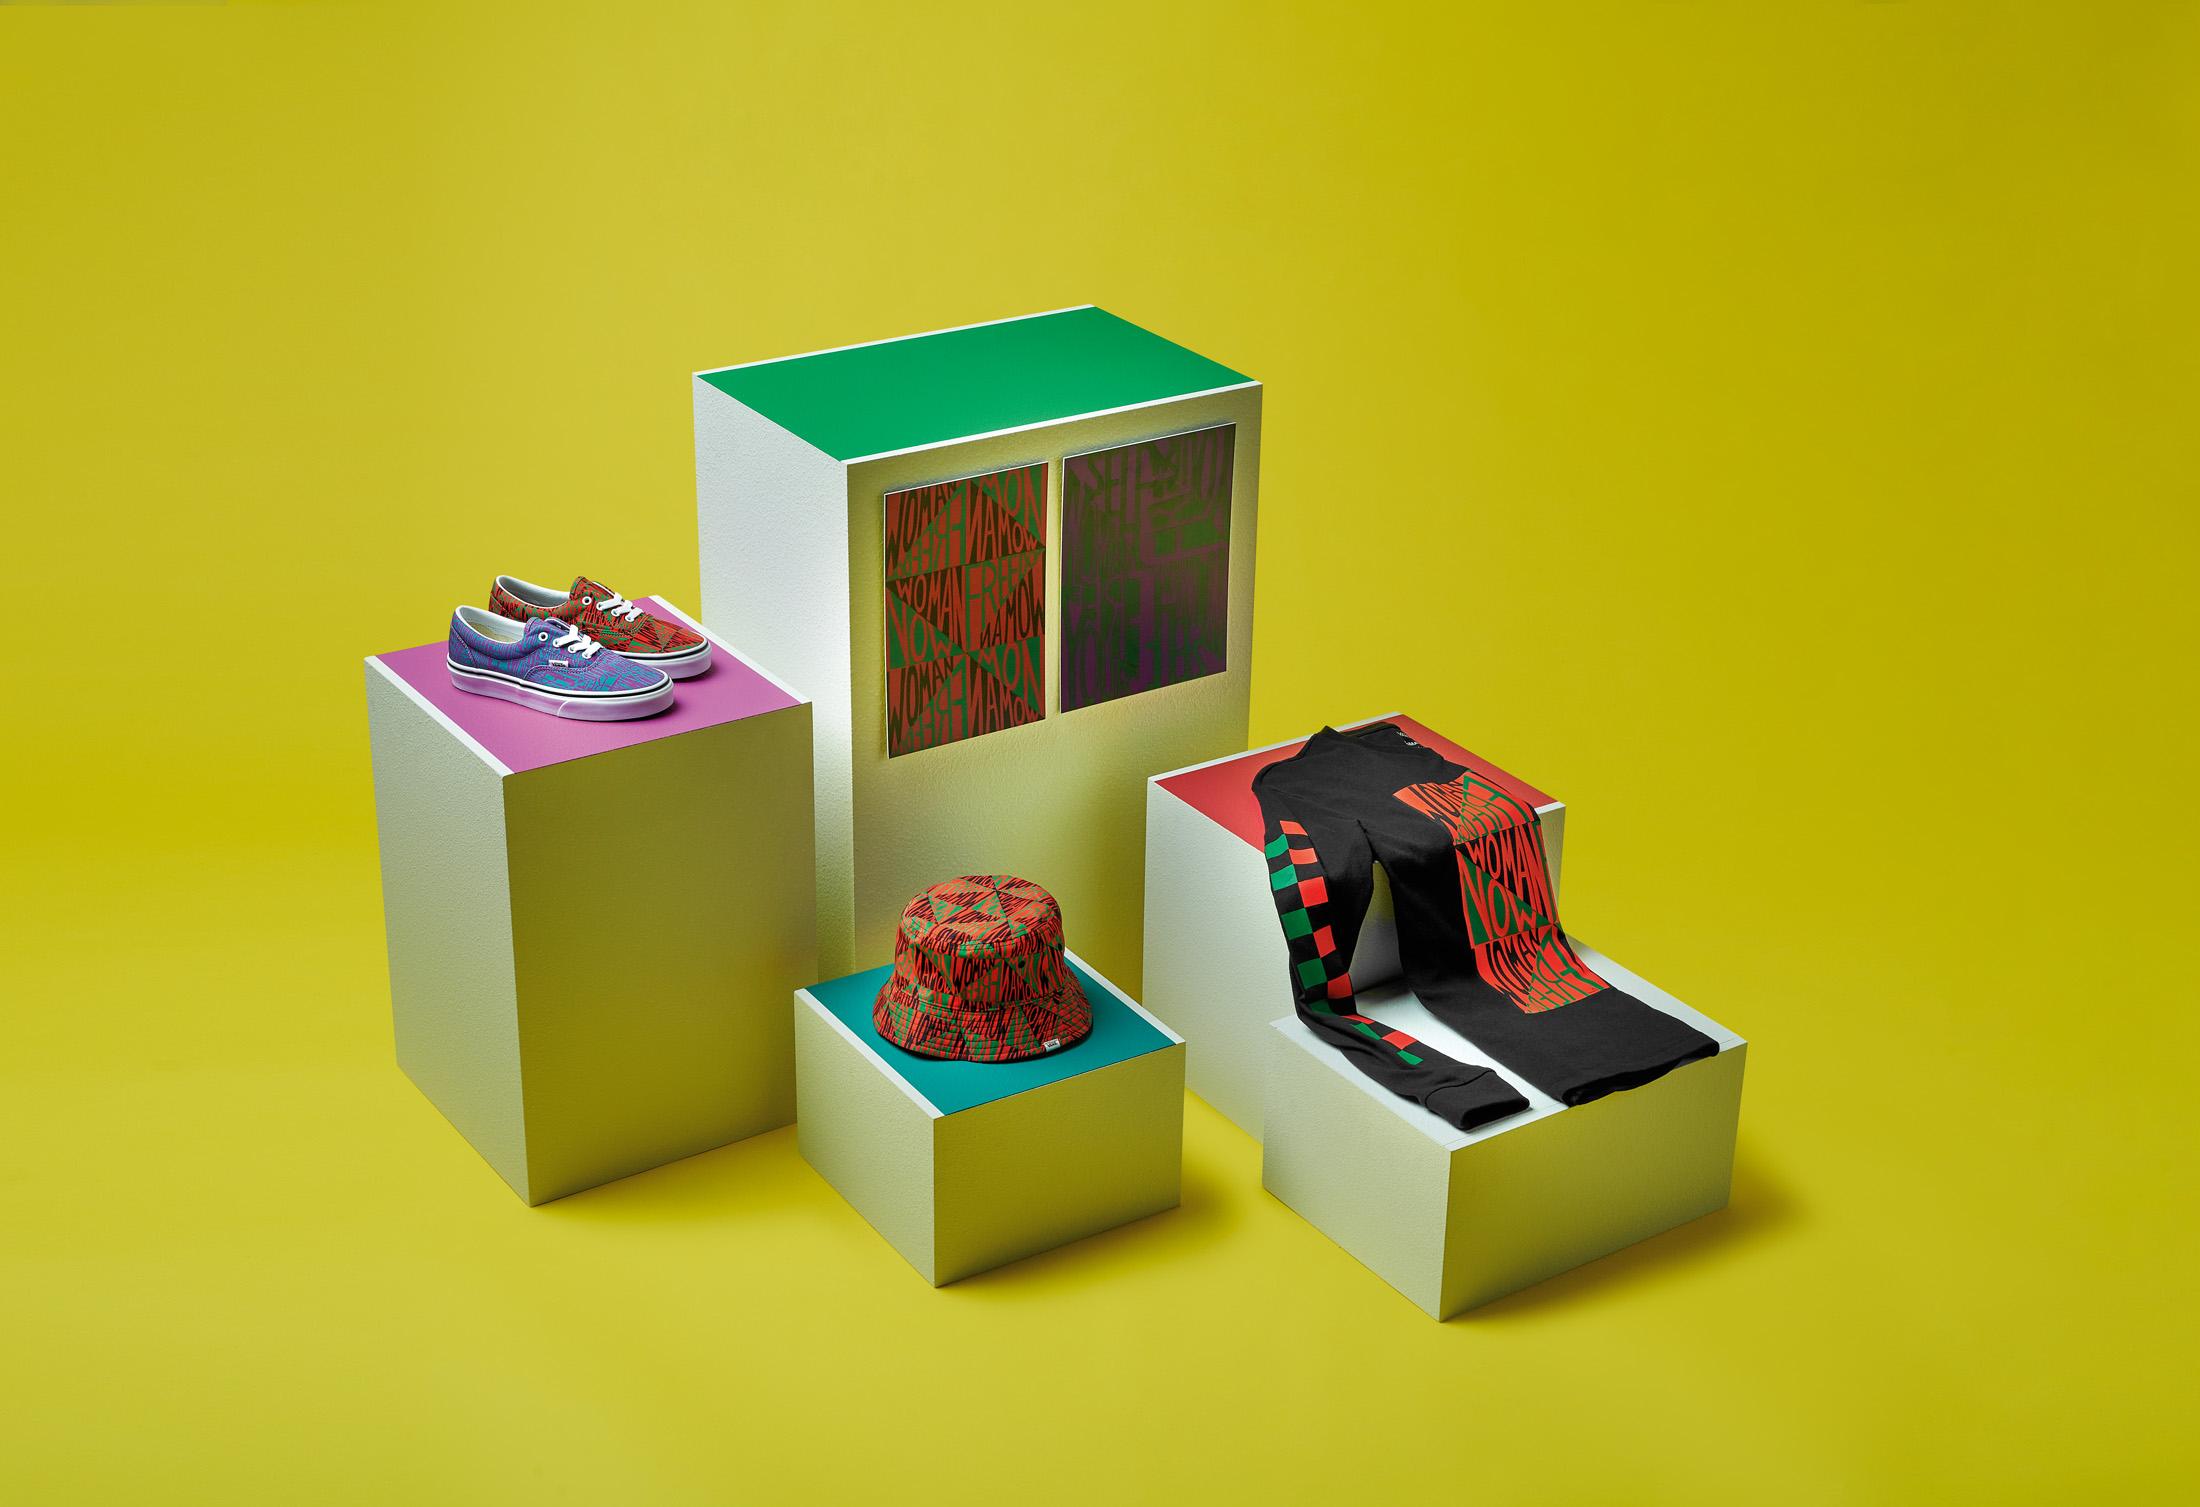 モマ ヴァンズ バンズ コラボ コレクション 限定 第 2弾 MoMA Vans Collaboration Collection Part 2 release item アパレル